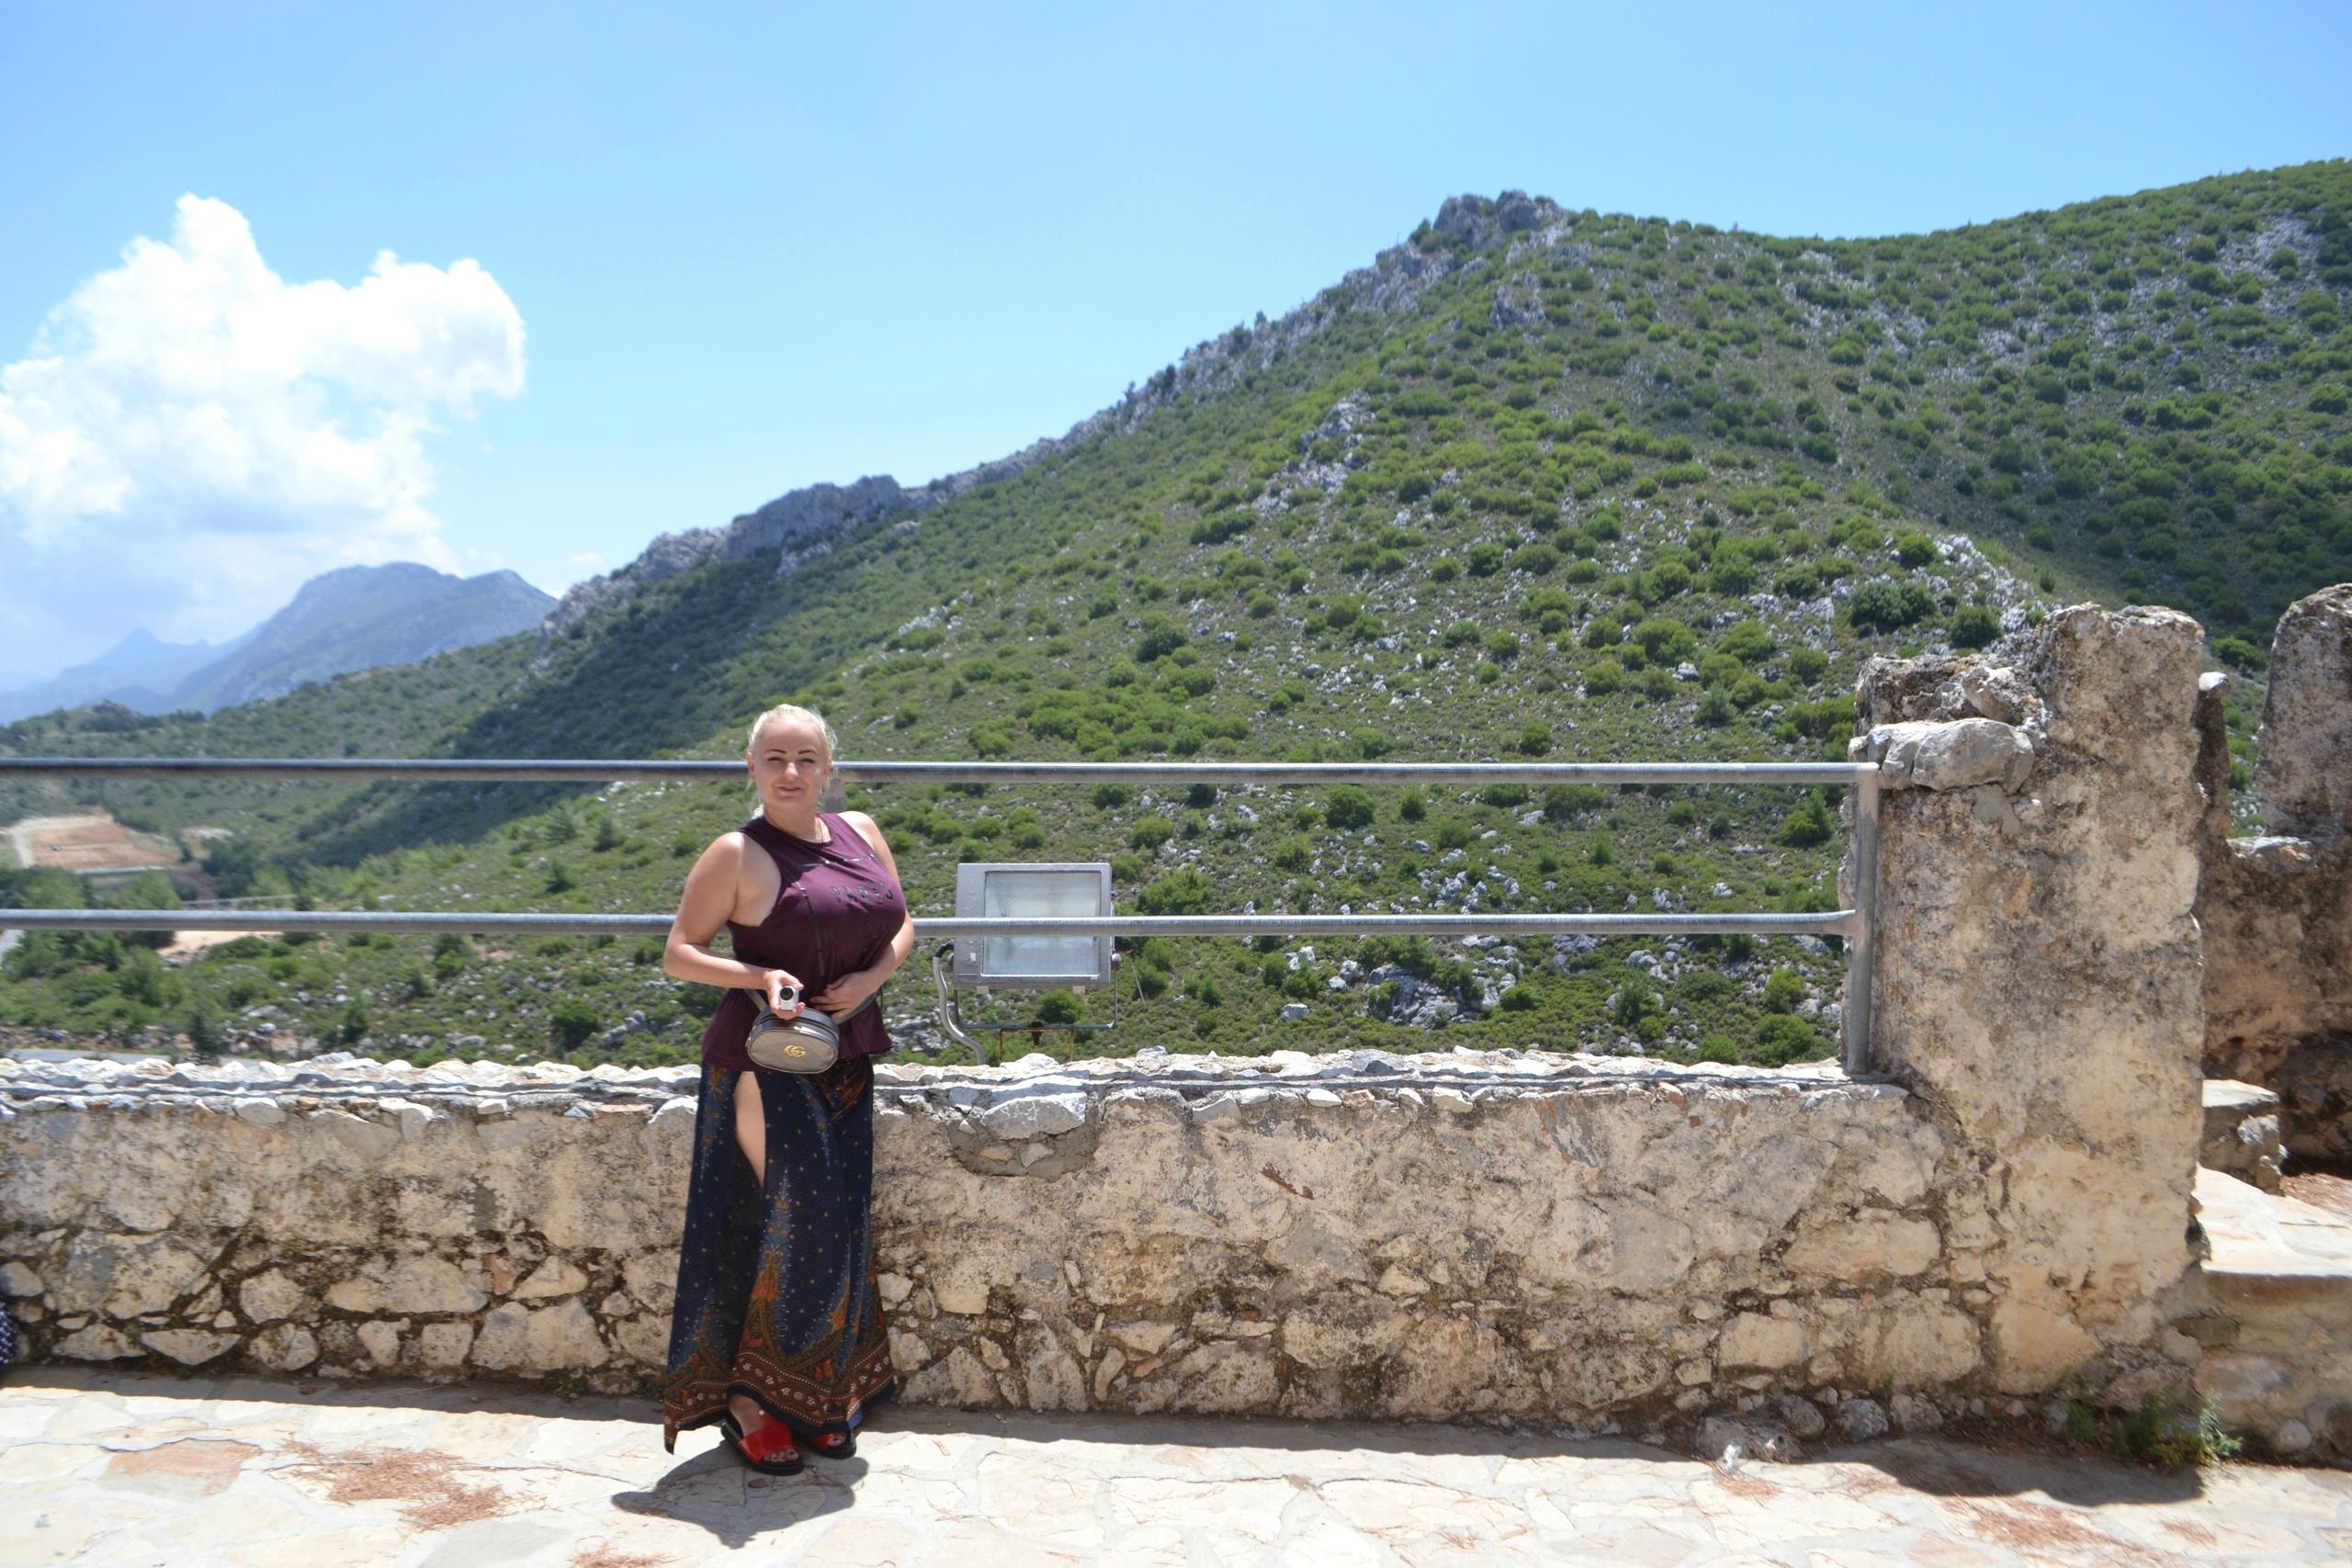 перелет - Елена Руденко. Мои путешествия (фото/видео) - Страница 4 KGMJacFJqwU